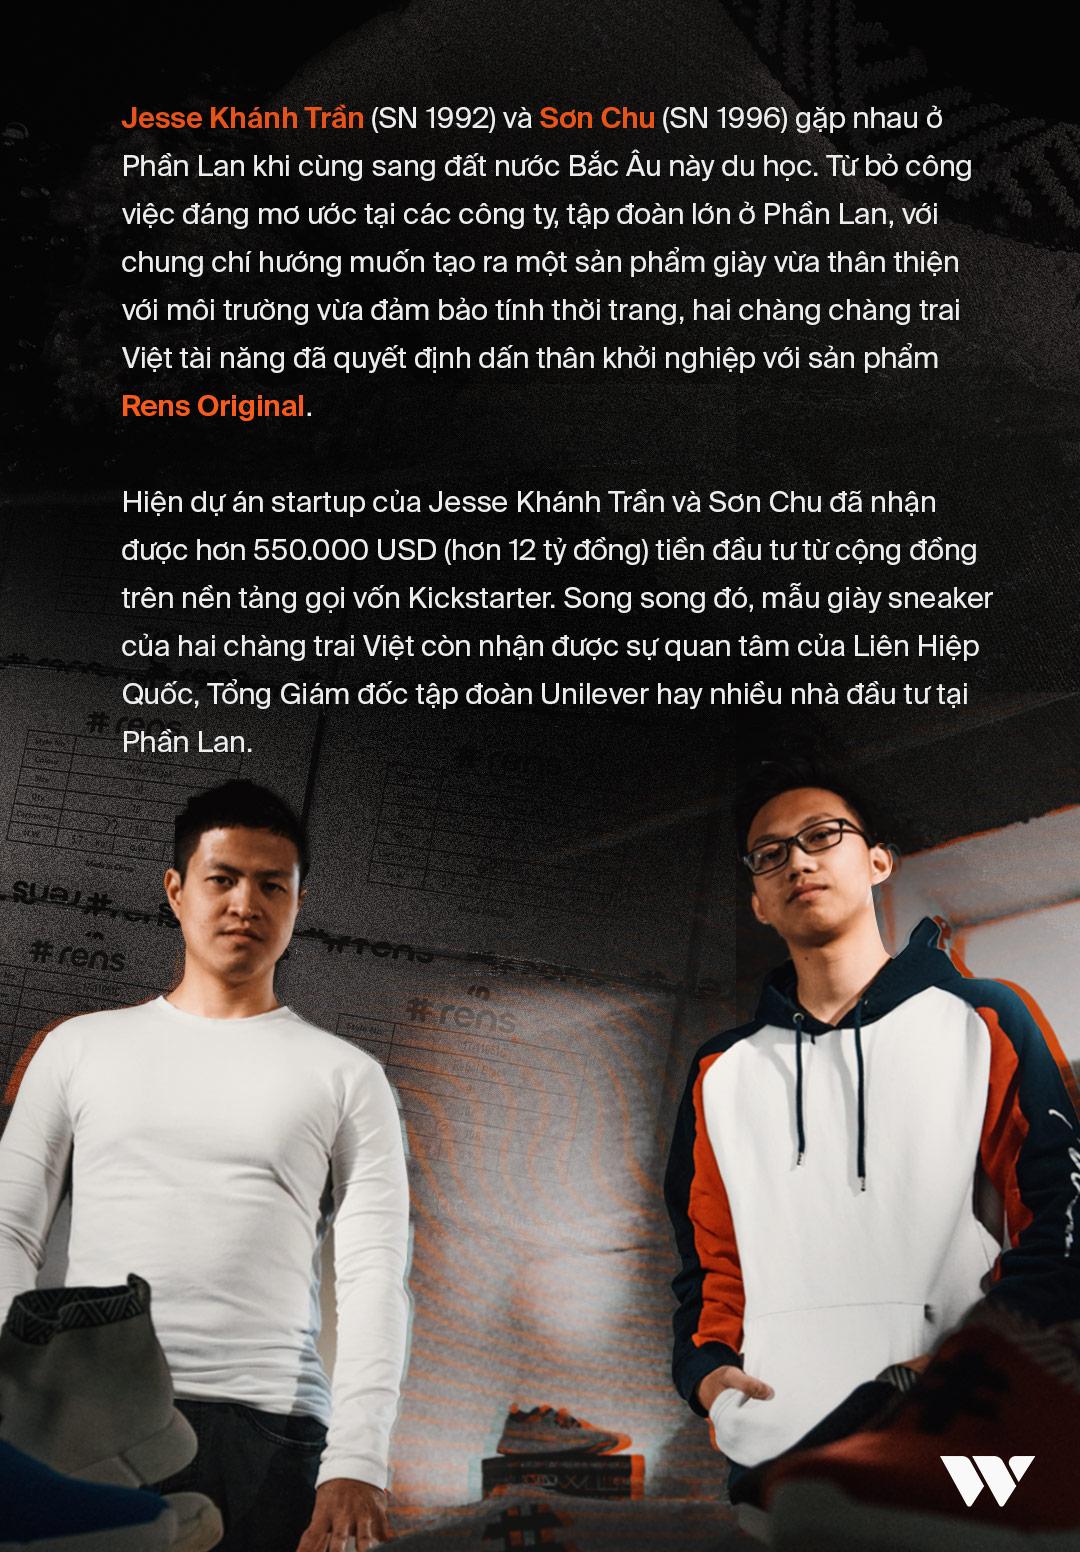 Jesse Khánh Trần và Sơn Chu: Bước ra thế giới với những đôi giày làm từ bã cafe và chai nhựa - Ảnh 3.